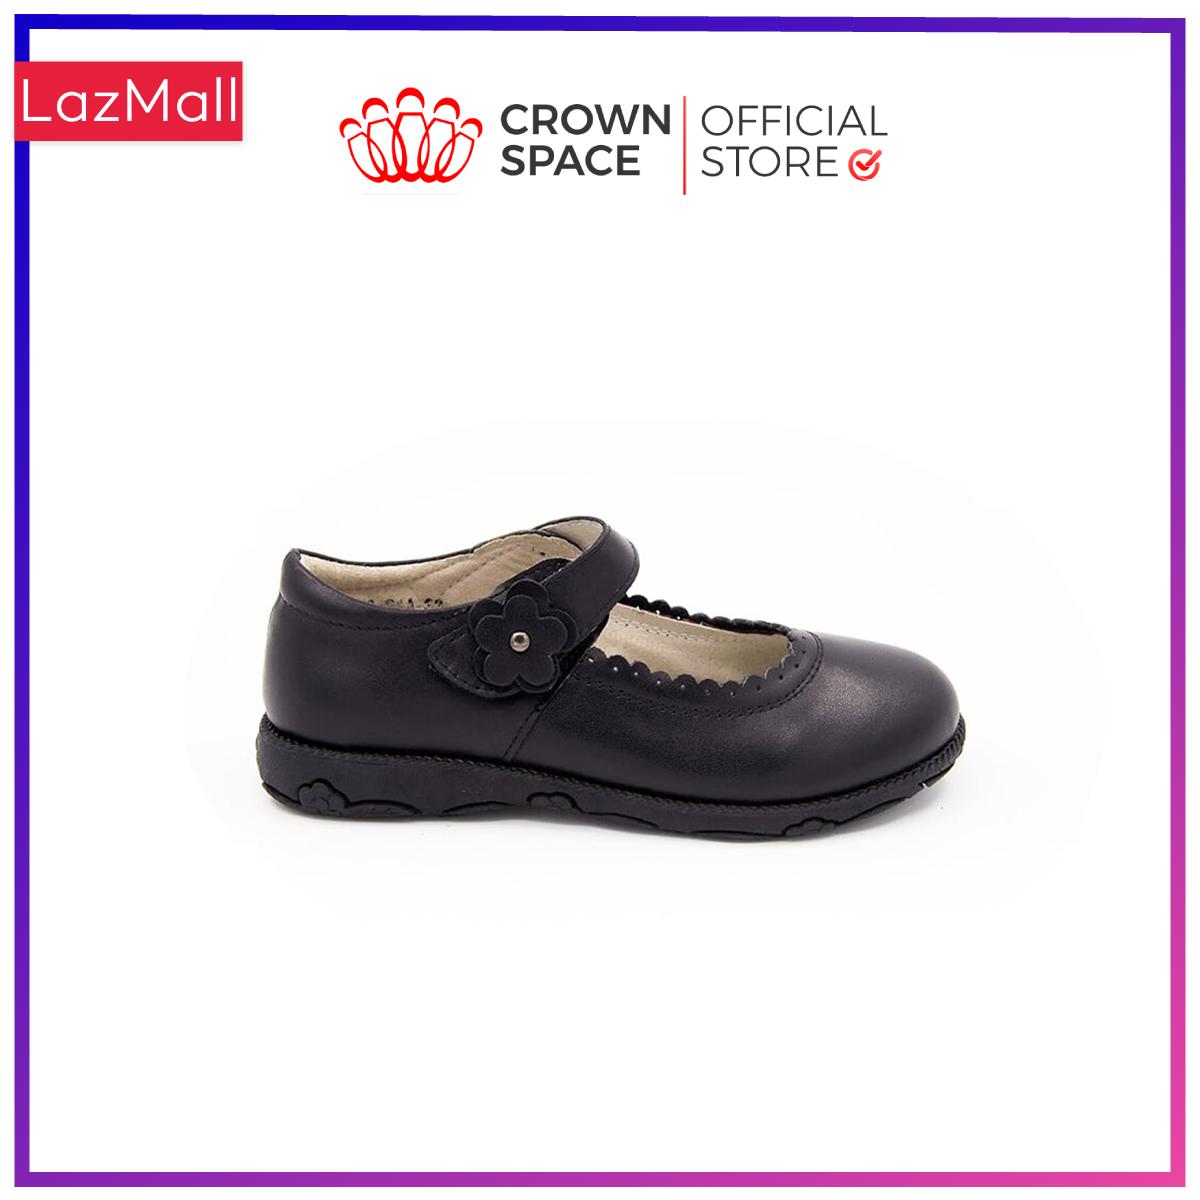 Giày Búp Bê Đi Học Bé Gái Crown Space UK School Shoes CRUK3041 Cao Cấp Nhẹ Êm Thoáng Mát Size 30-36/4-14 Tuổi